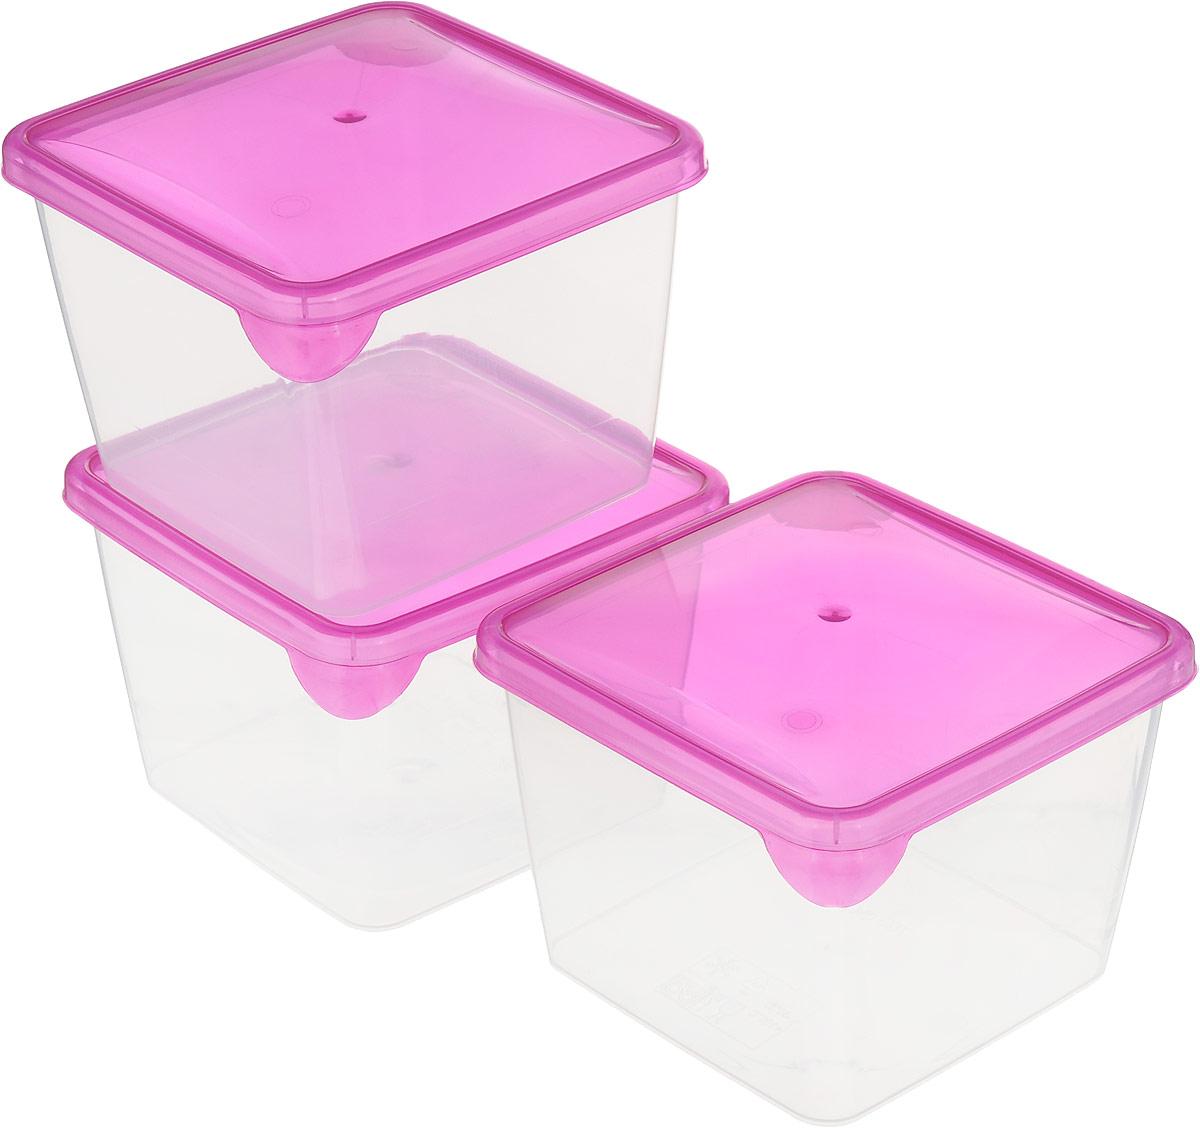 Комплект емкостей для продуктов Giaretti Браво, цвет: прозрачный, фуксия, 750 мл, 3 штGR1040_сиреневыйКомплект емкостей для продуктов Giaretti Браво состоит из 3 контейнеров. Емкости изготовлены из пищевого полипропилена и оснащены крышками, которые плотно закрываются, дольше сохраняя продукты свежими. Боковые стенки прозрачные, что позволяет видеть содержимое.Емкости идеально подходят для хранения пищи, фруктов, ягод, овощей.Такой комплект пригодится в любом хозяйстве. Легкие емкости одинаково удобно взять с собой или хранить продукты дома, замораживать ягоды и овощи небольшими порциями. Тонкий, но вместе с тем прочный пластик обеспечивает надежность изделий.